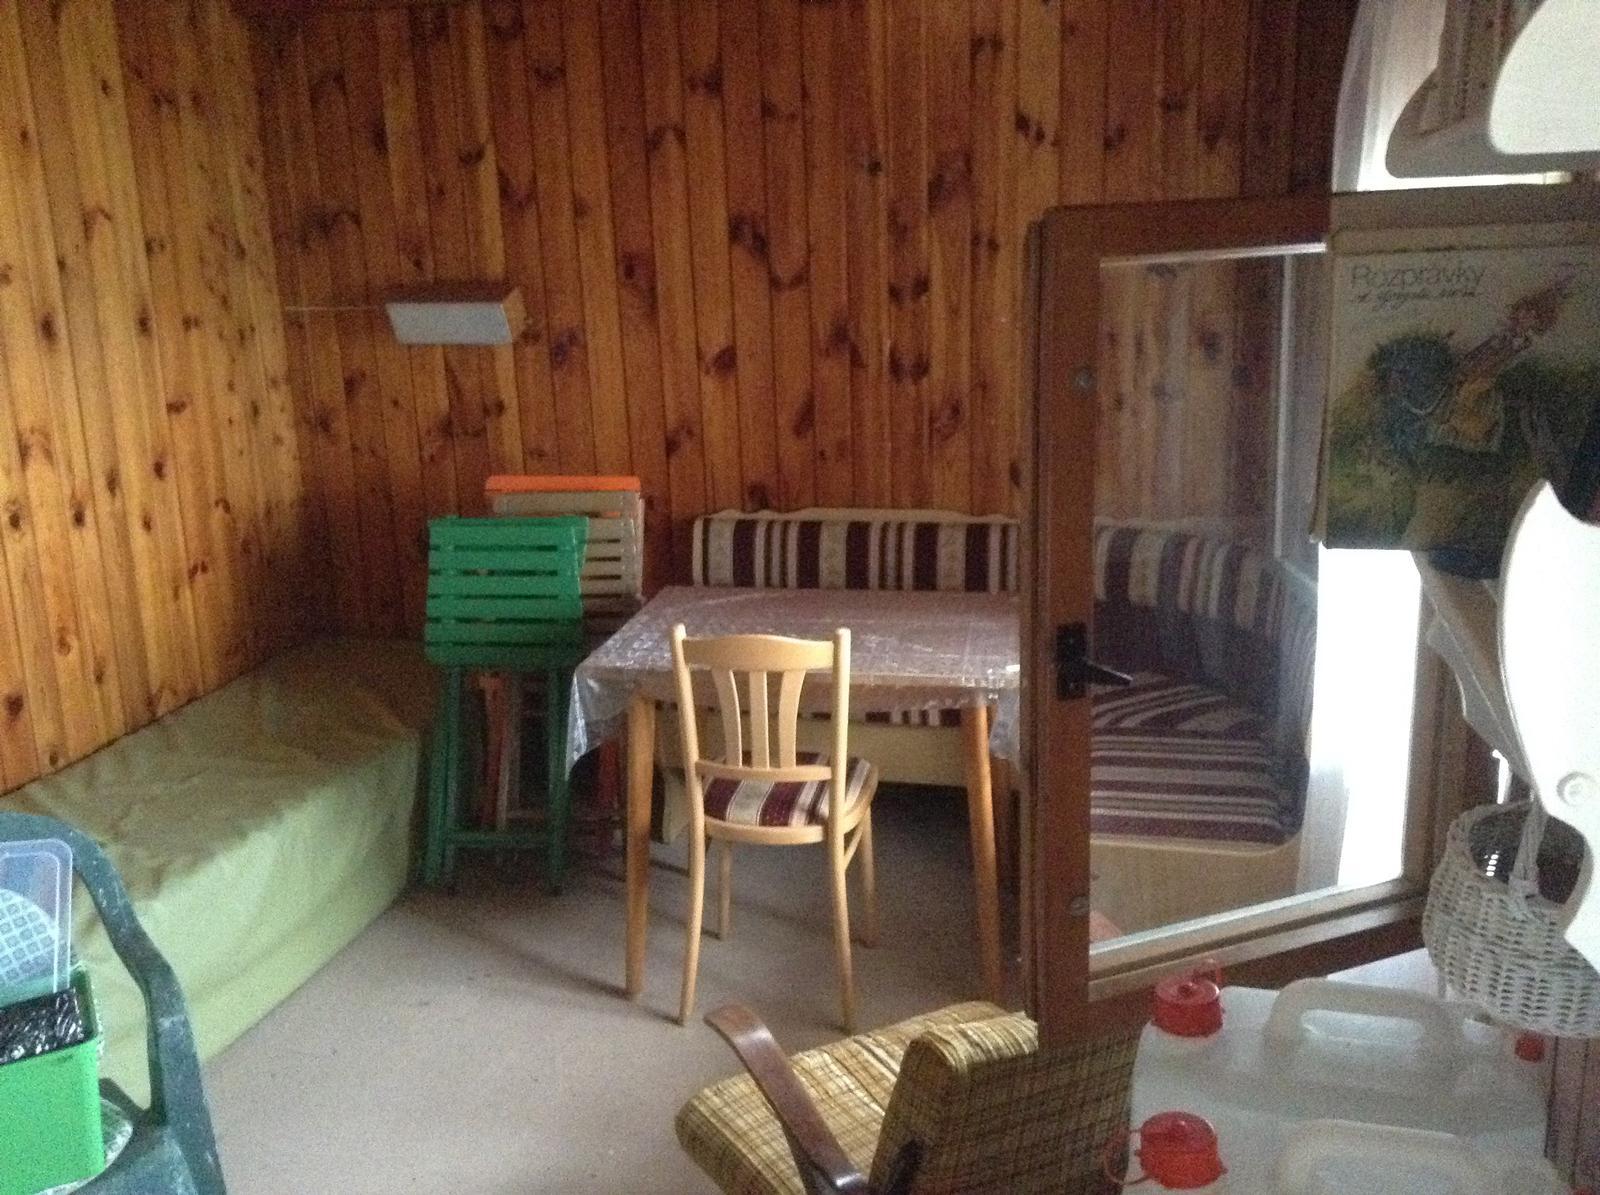 """""""Domček"""" - zelená pohovka pôjde von pod altánok, keď bude postavený... a rovnako aj tie skladacie stoličky...    Na ich mieste bude zrenovované kreslo, minimálne jedno, a možno zreparujem obe :)"""